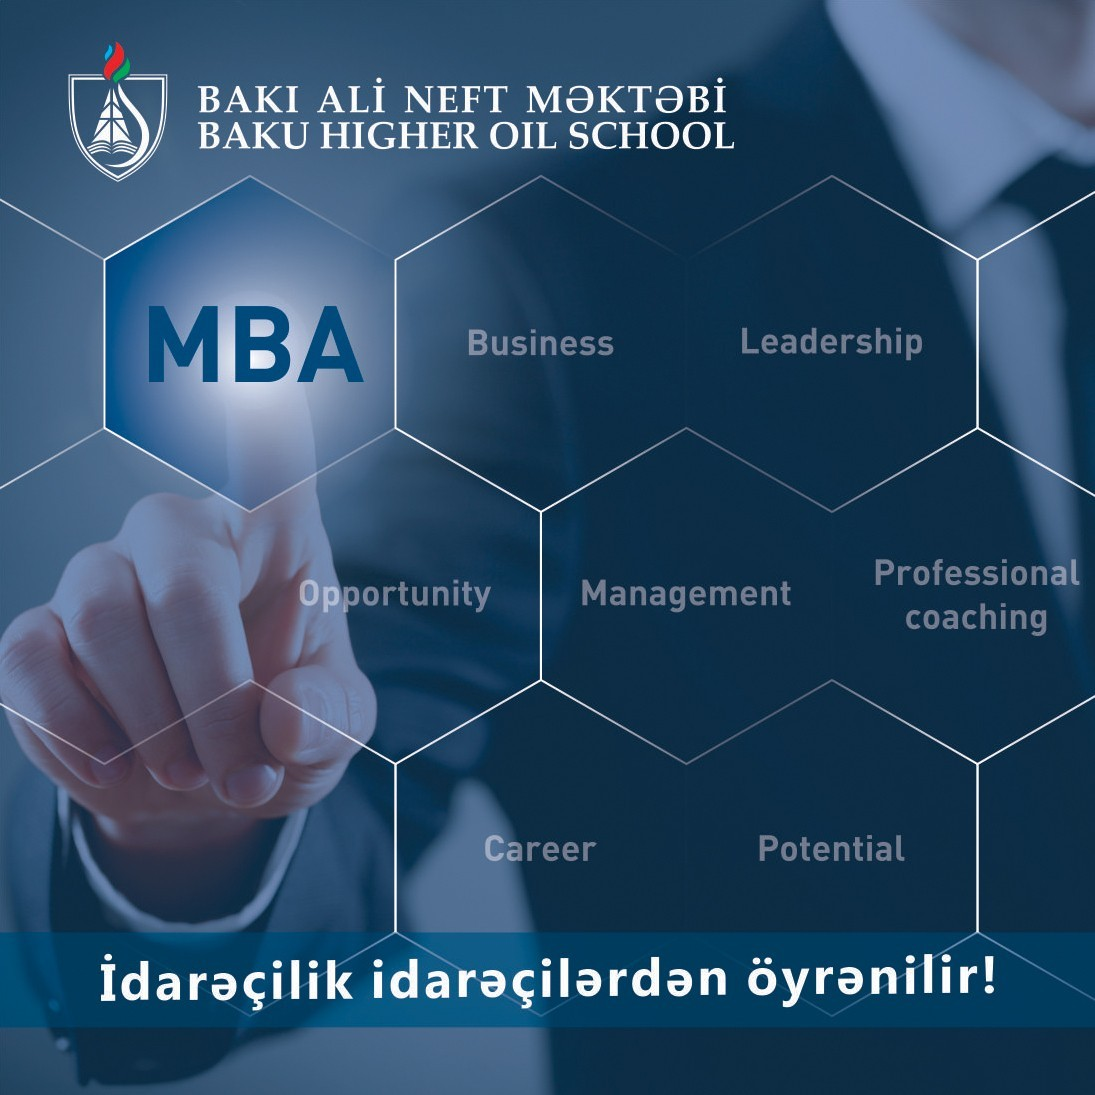 Bakı Ali Neft Məktəbi MBA proqramına qəbul elan edib